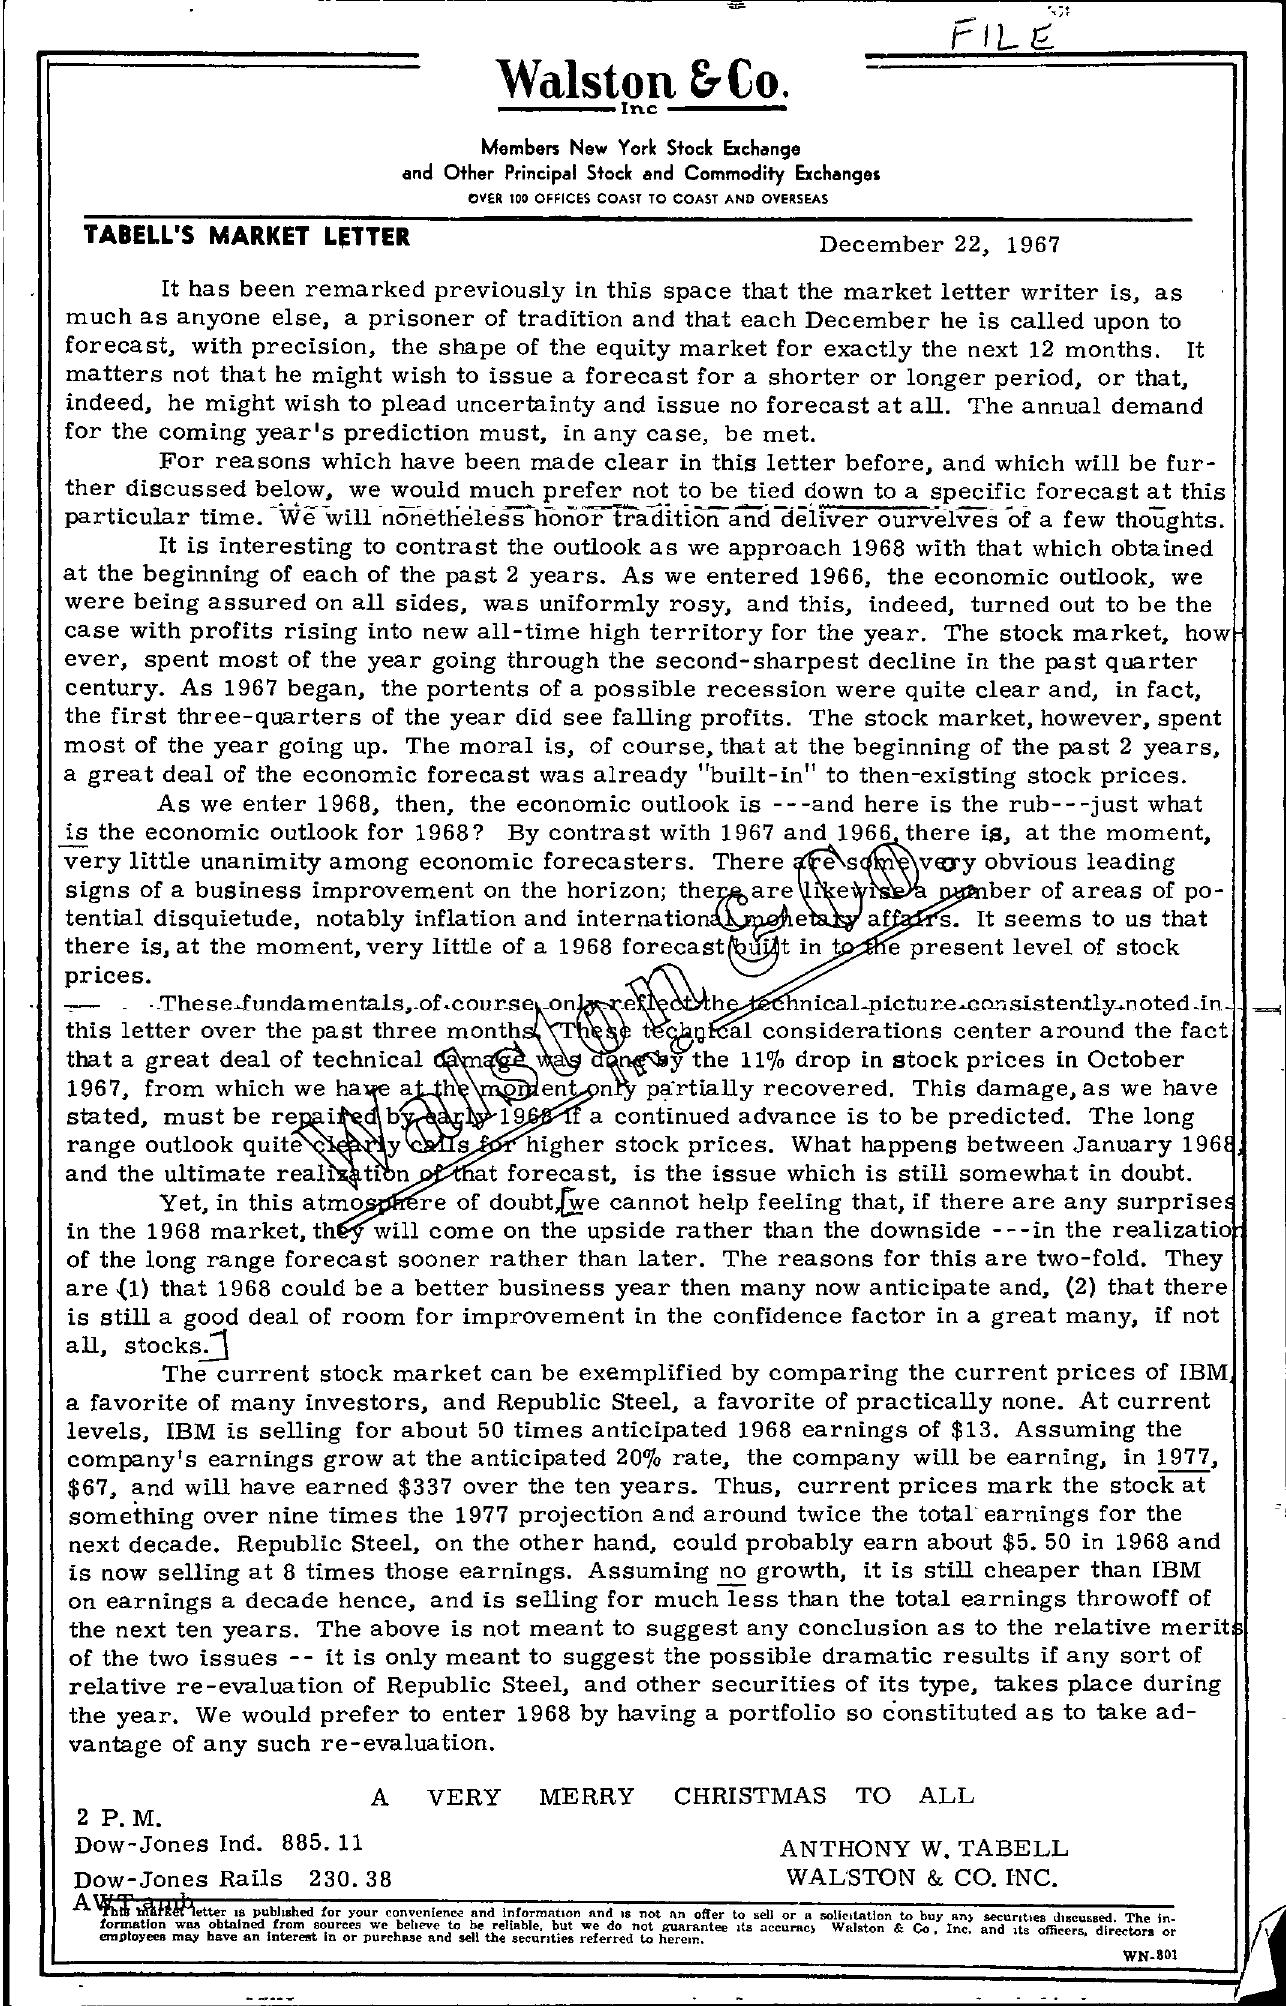 Tabell's Market Letter - December 22, 1967